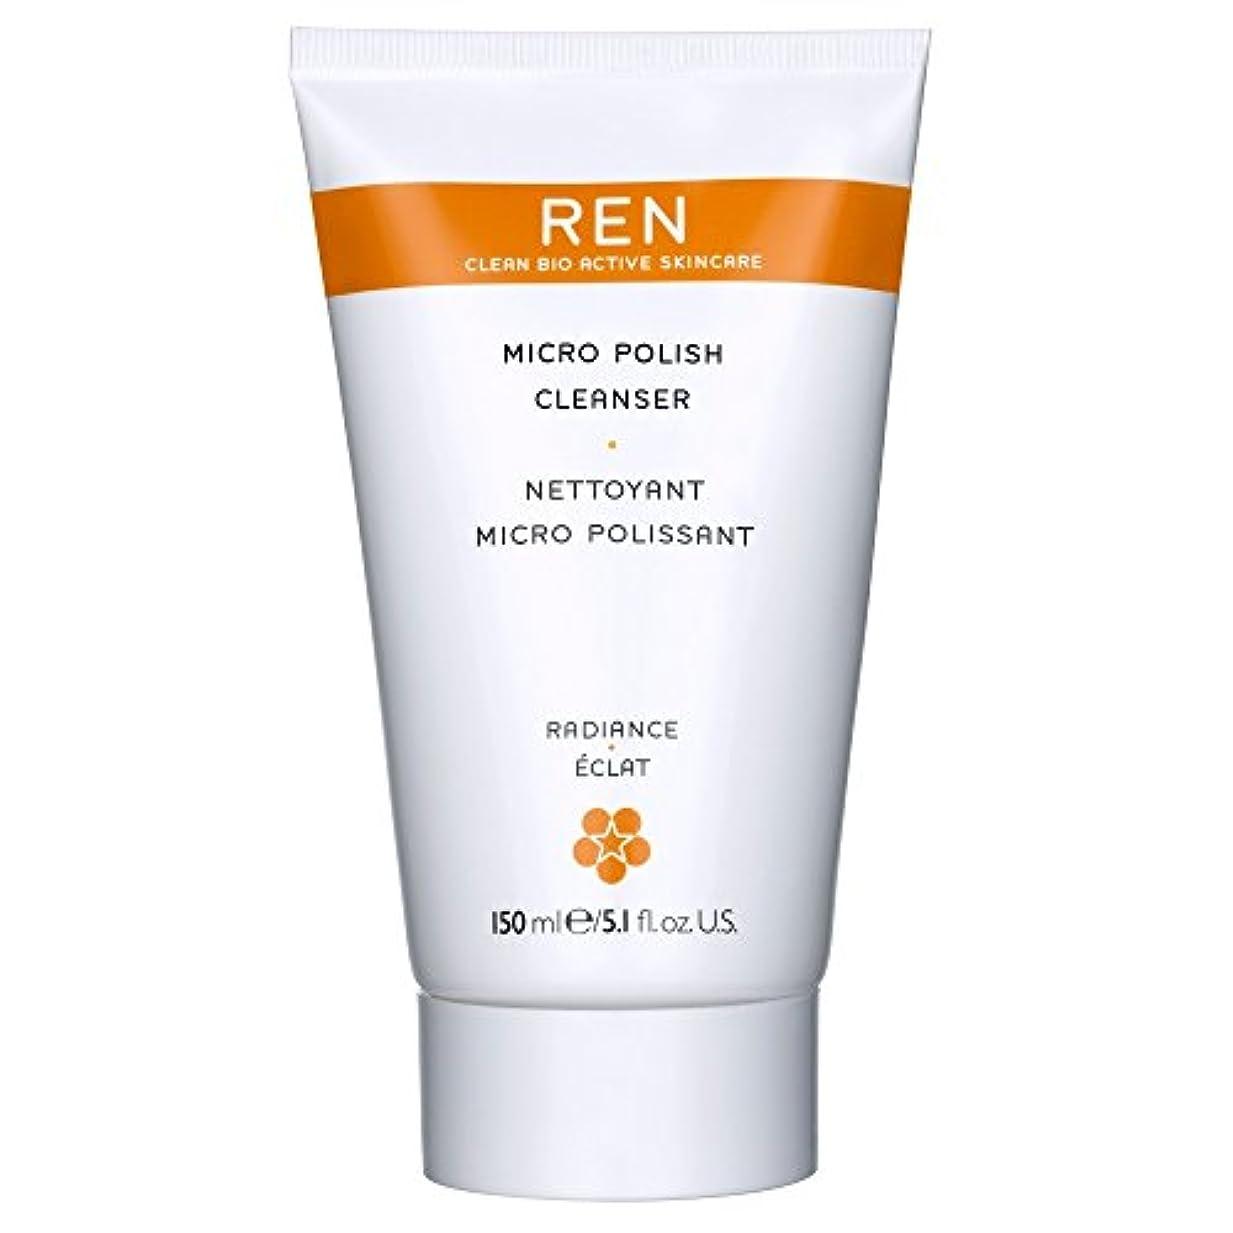 夜後者名前Renミルコ磨きクレンザー、150ミリリットル (REN) (x6) - REN Mirco Polish Cleanser, 150ml (Pack of 6) [並行輸入品]